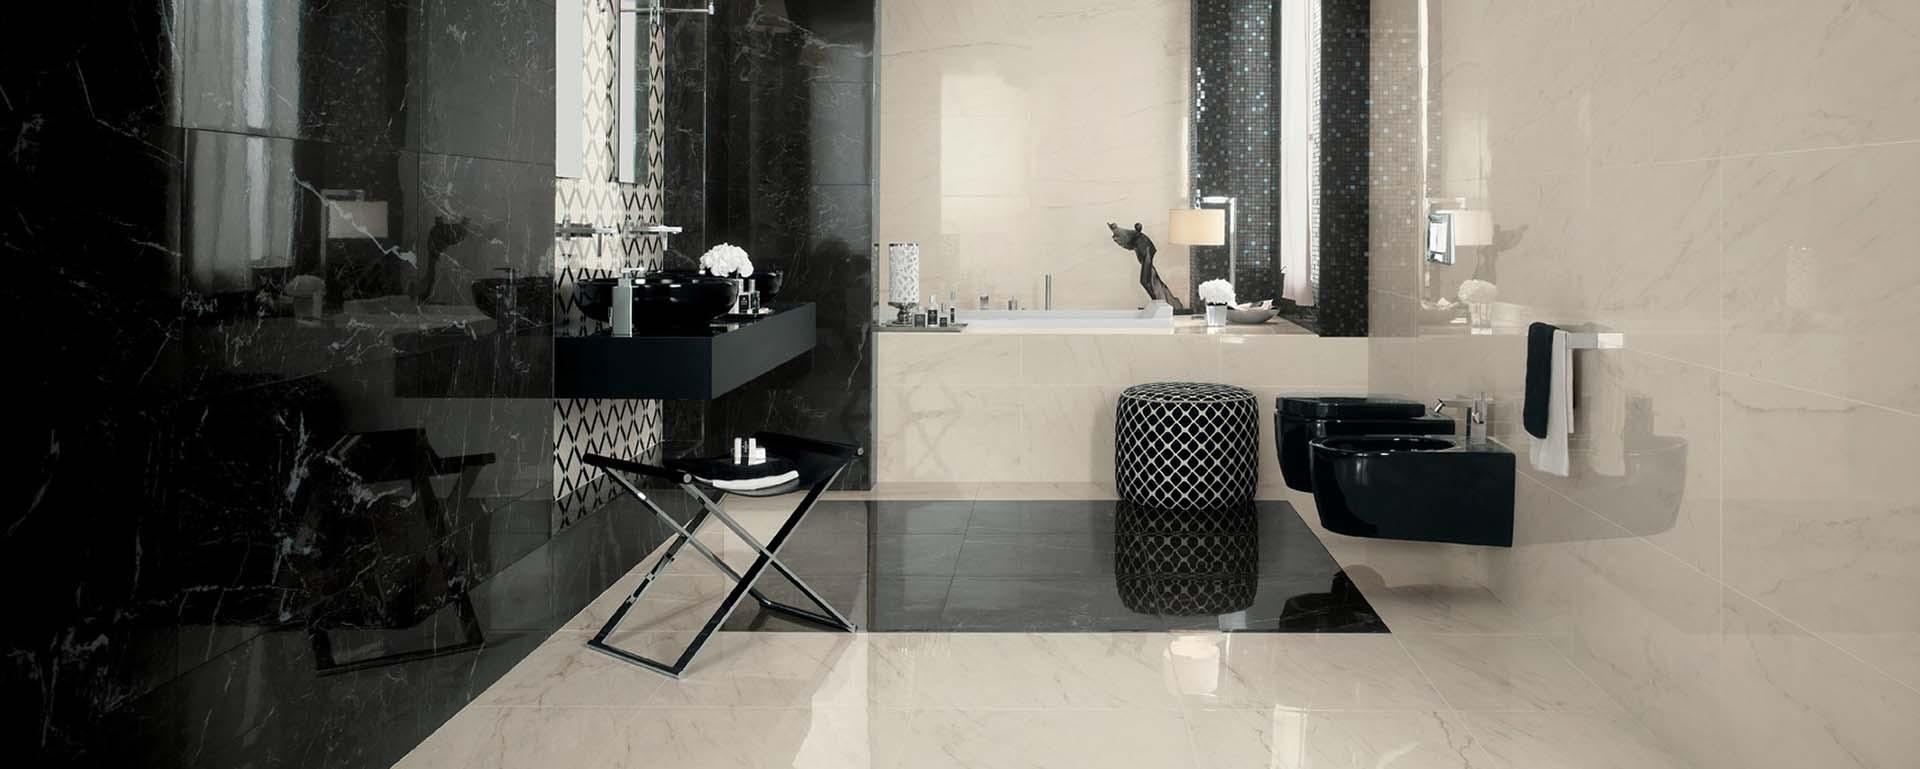 Rivestimenti Leroy Merlin Bagno candiano venceramica - pavimento effetto marmo nero